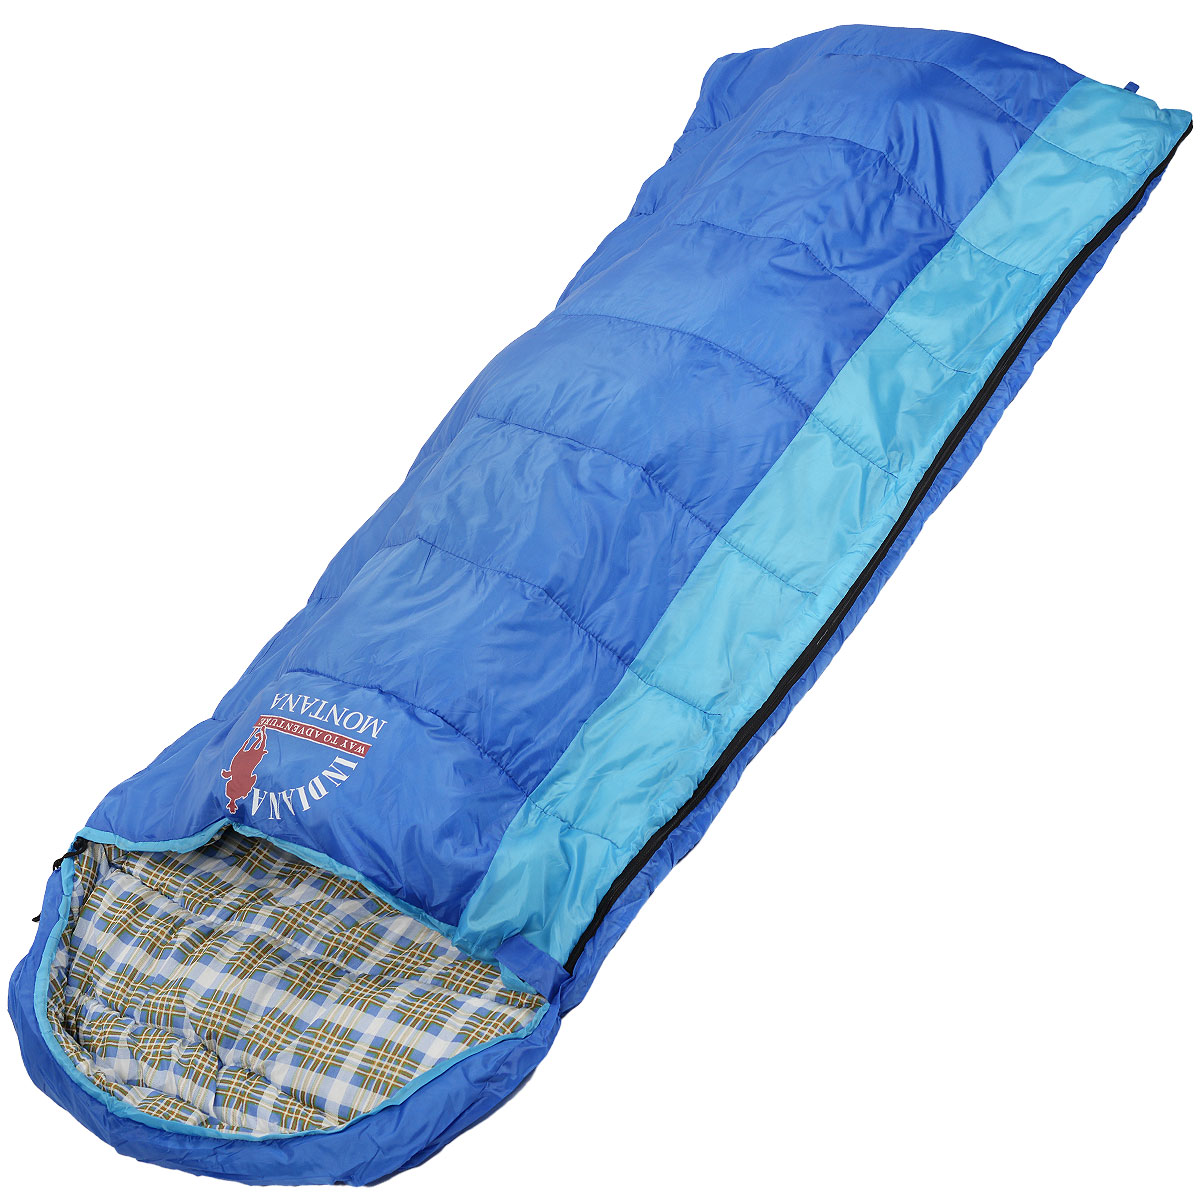 Спальный мешок-одеяло Indiana Montana R-zip от -4 C, цвет: синий, голубой, правосторонняя молния, 180+35 см х 90 см67742Комфортный спальный мешок с подголовником. Благодаря увеличенным размерам и возможности соединения двух спальных мешков с правой и левой молнией, спальный мешок Indiana Montana является оптимальным выбором для отдыха на природе, туризма и кемпинга, в том числе и в прохладное время года.